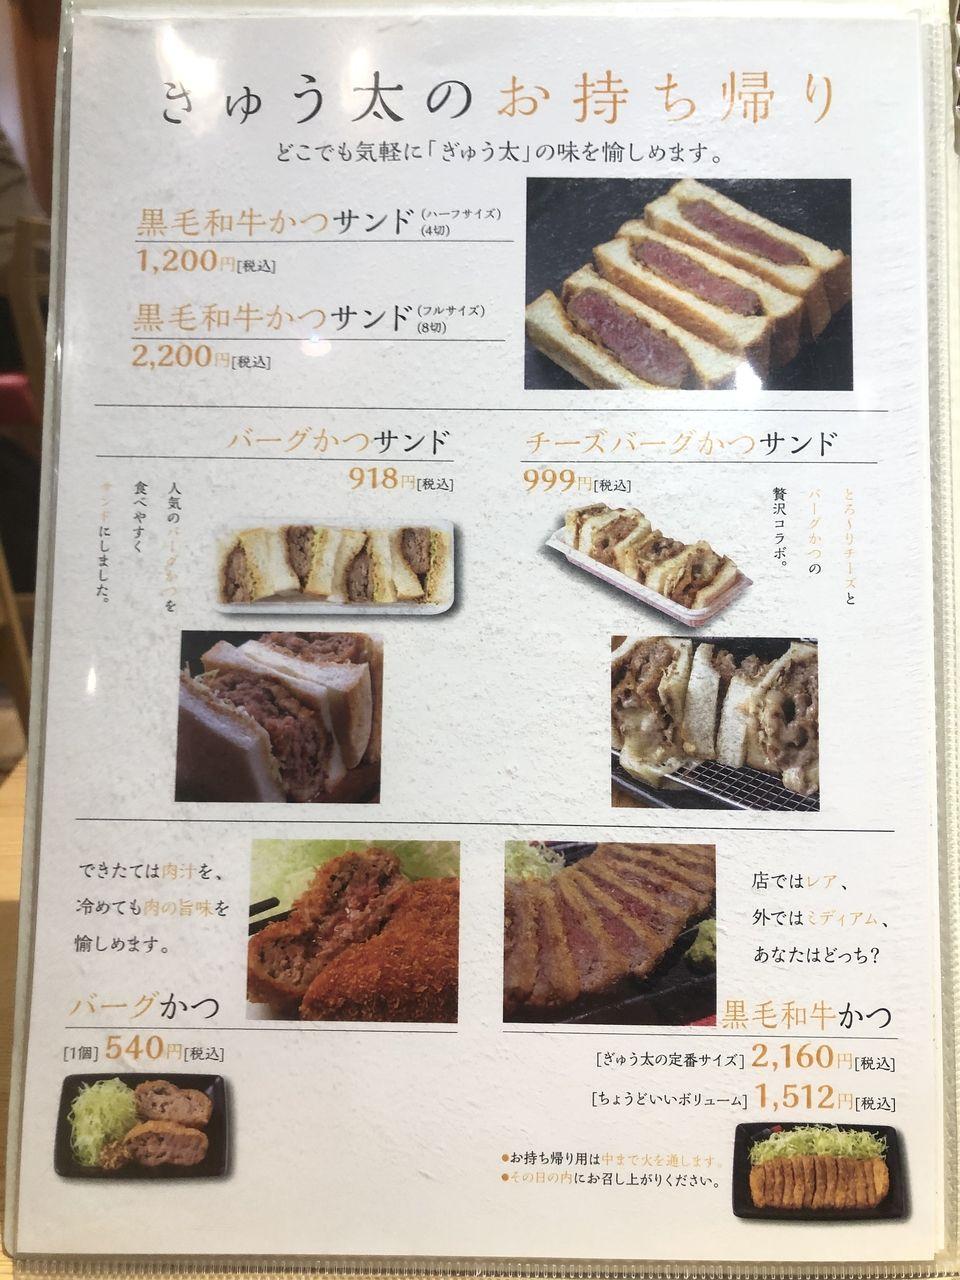 鹿児島市樋之口町のぎゅう太のメニュー表3